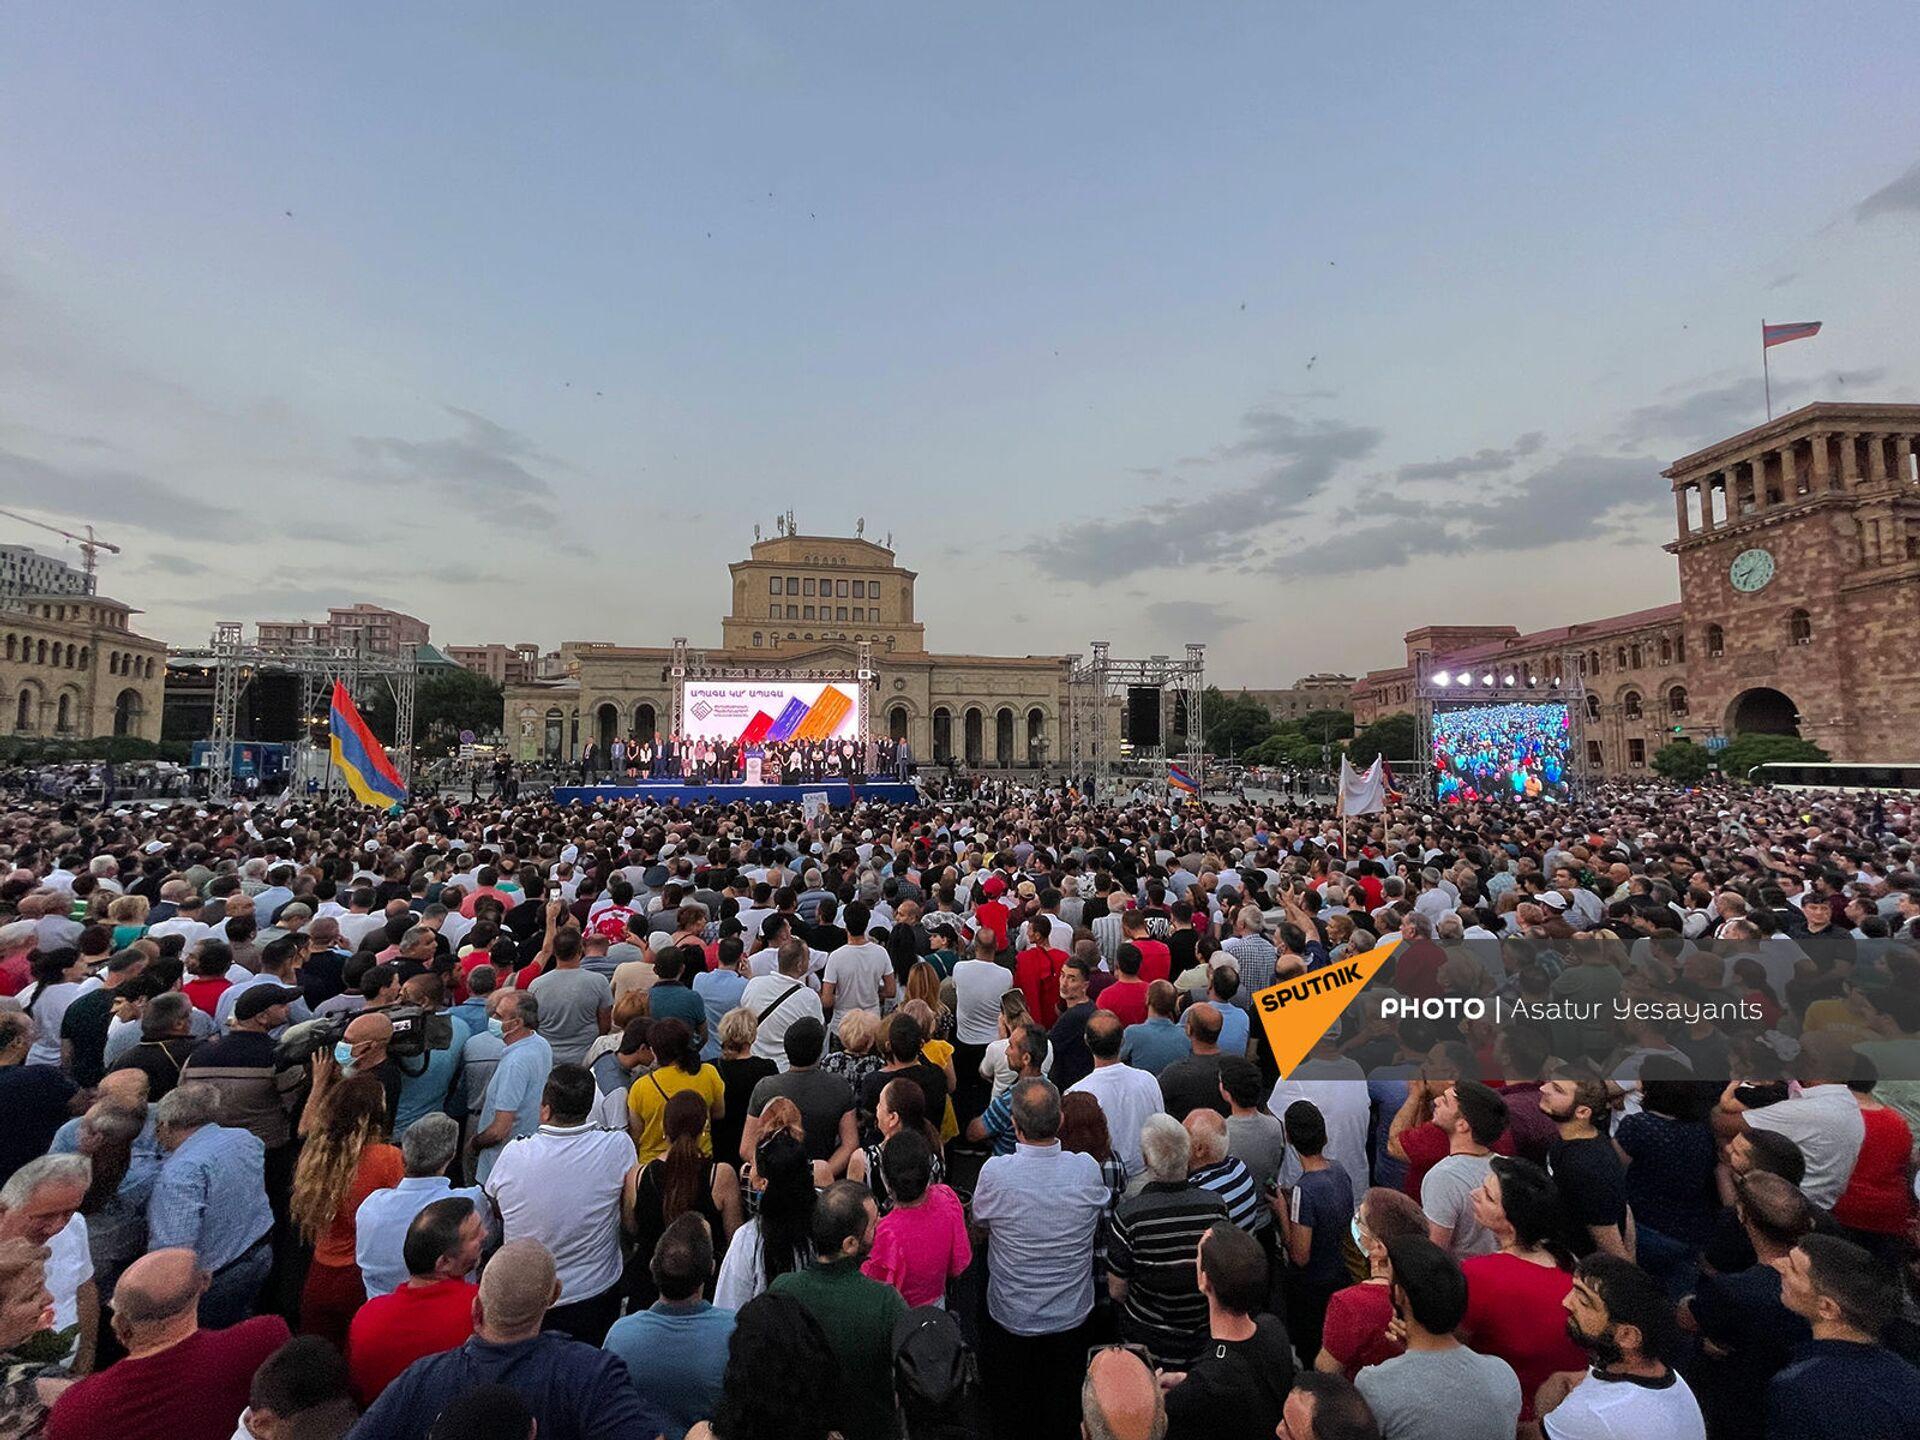 Правящая партия готова к диалогу с другими силами – Пашинян о завершении кризиса - Sputnik Армения, 1920, 21.06.2021